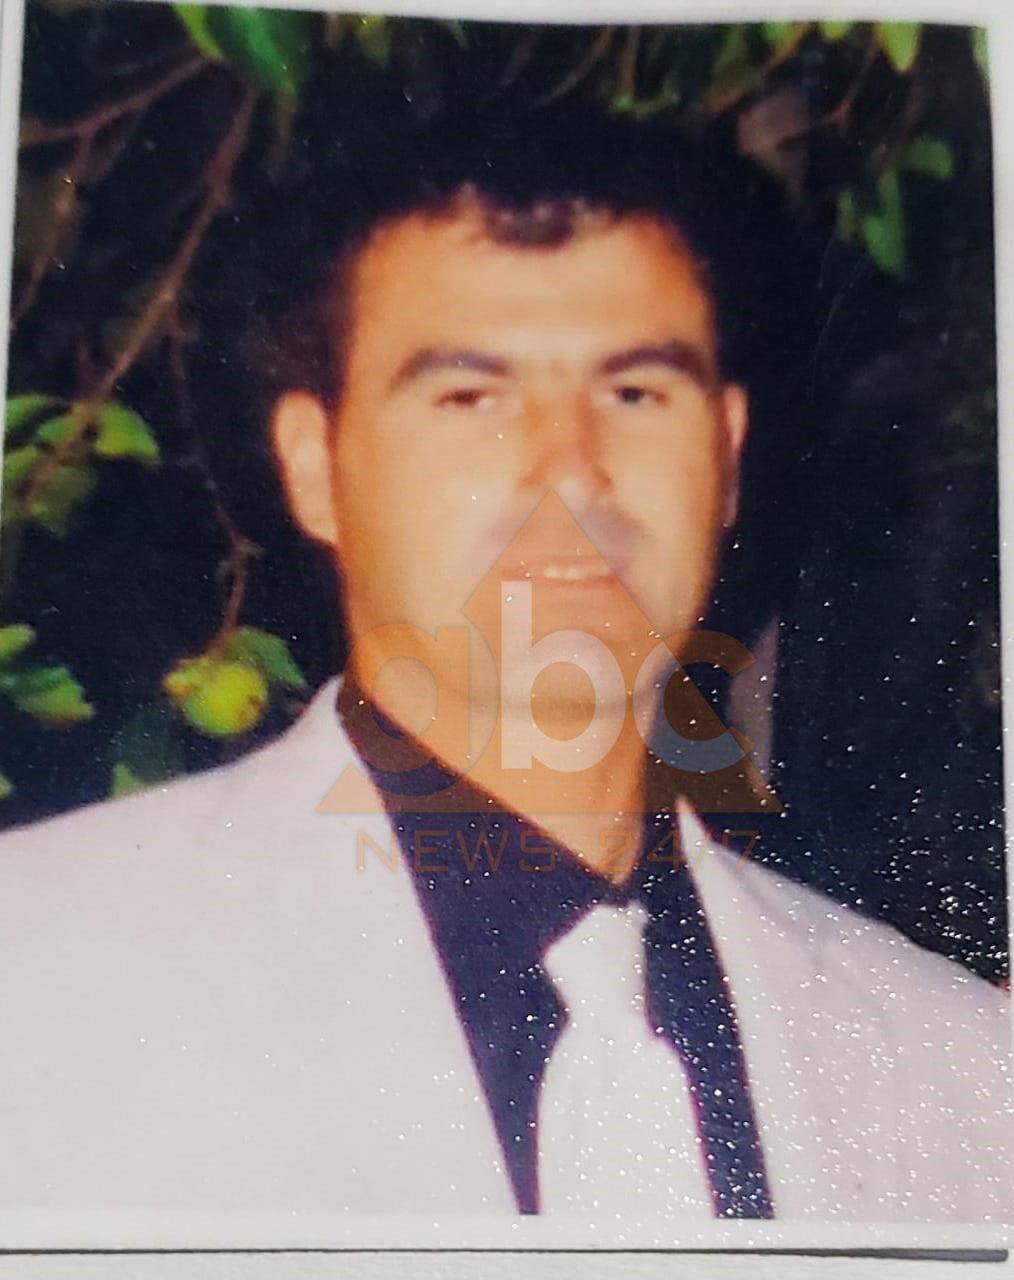 Një sherr i mëparshëm, dyshimet e policisë për vrasjen misterioze në Vlorë